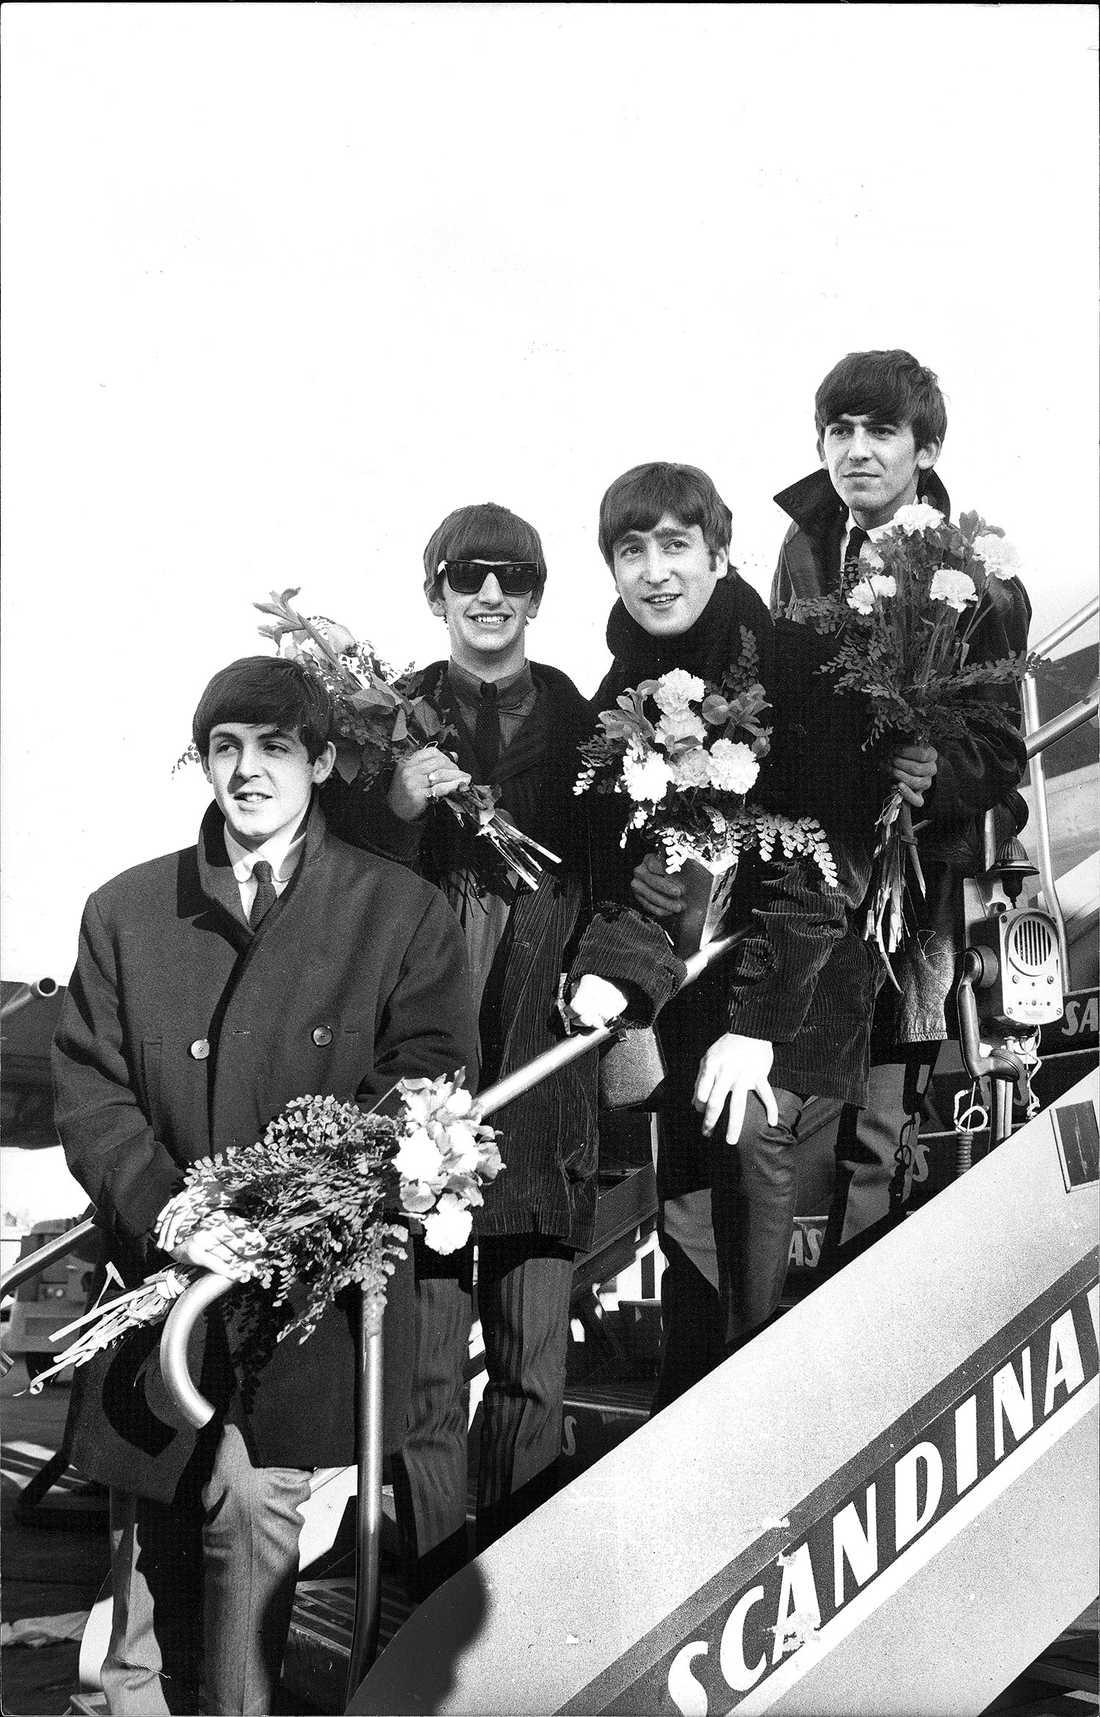 ÅTERVÄNDE TILL SVERIGE 1964 var Beatles tillbaka i Sverige. Här på väg av från flygplanet: Paul McCartney, Ringo Starr, John Lennon och George Harrison.